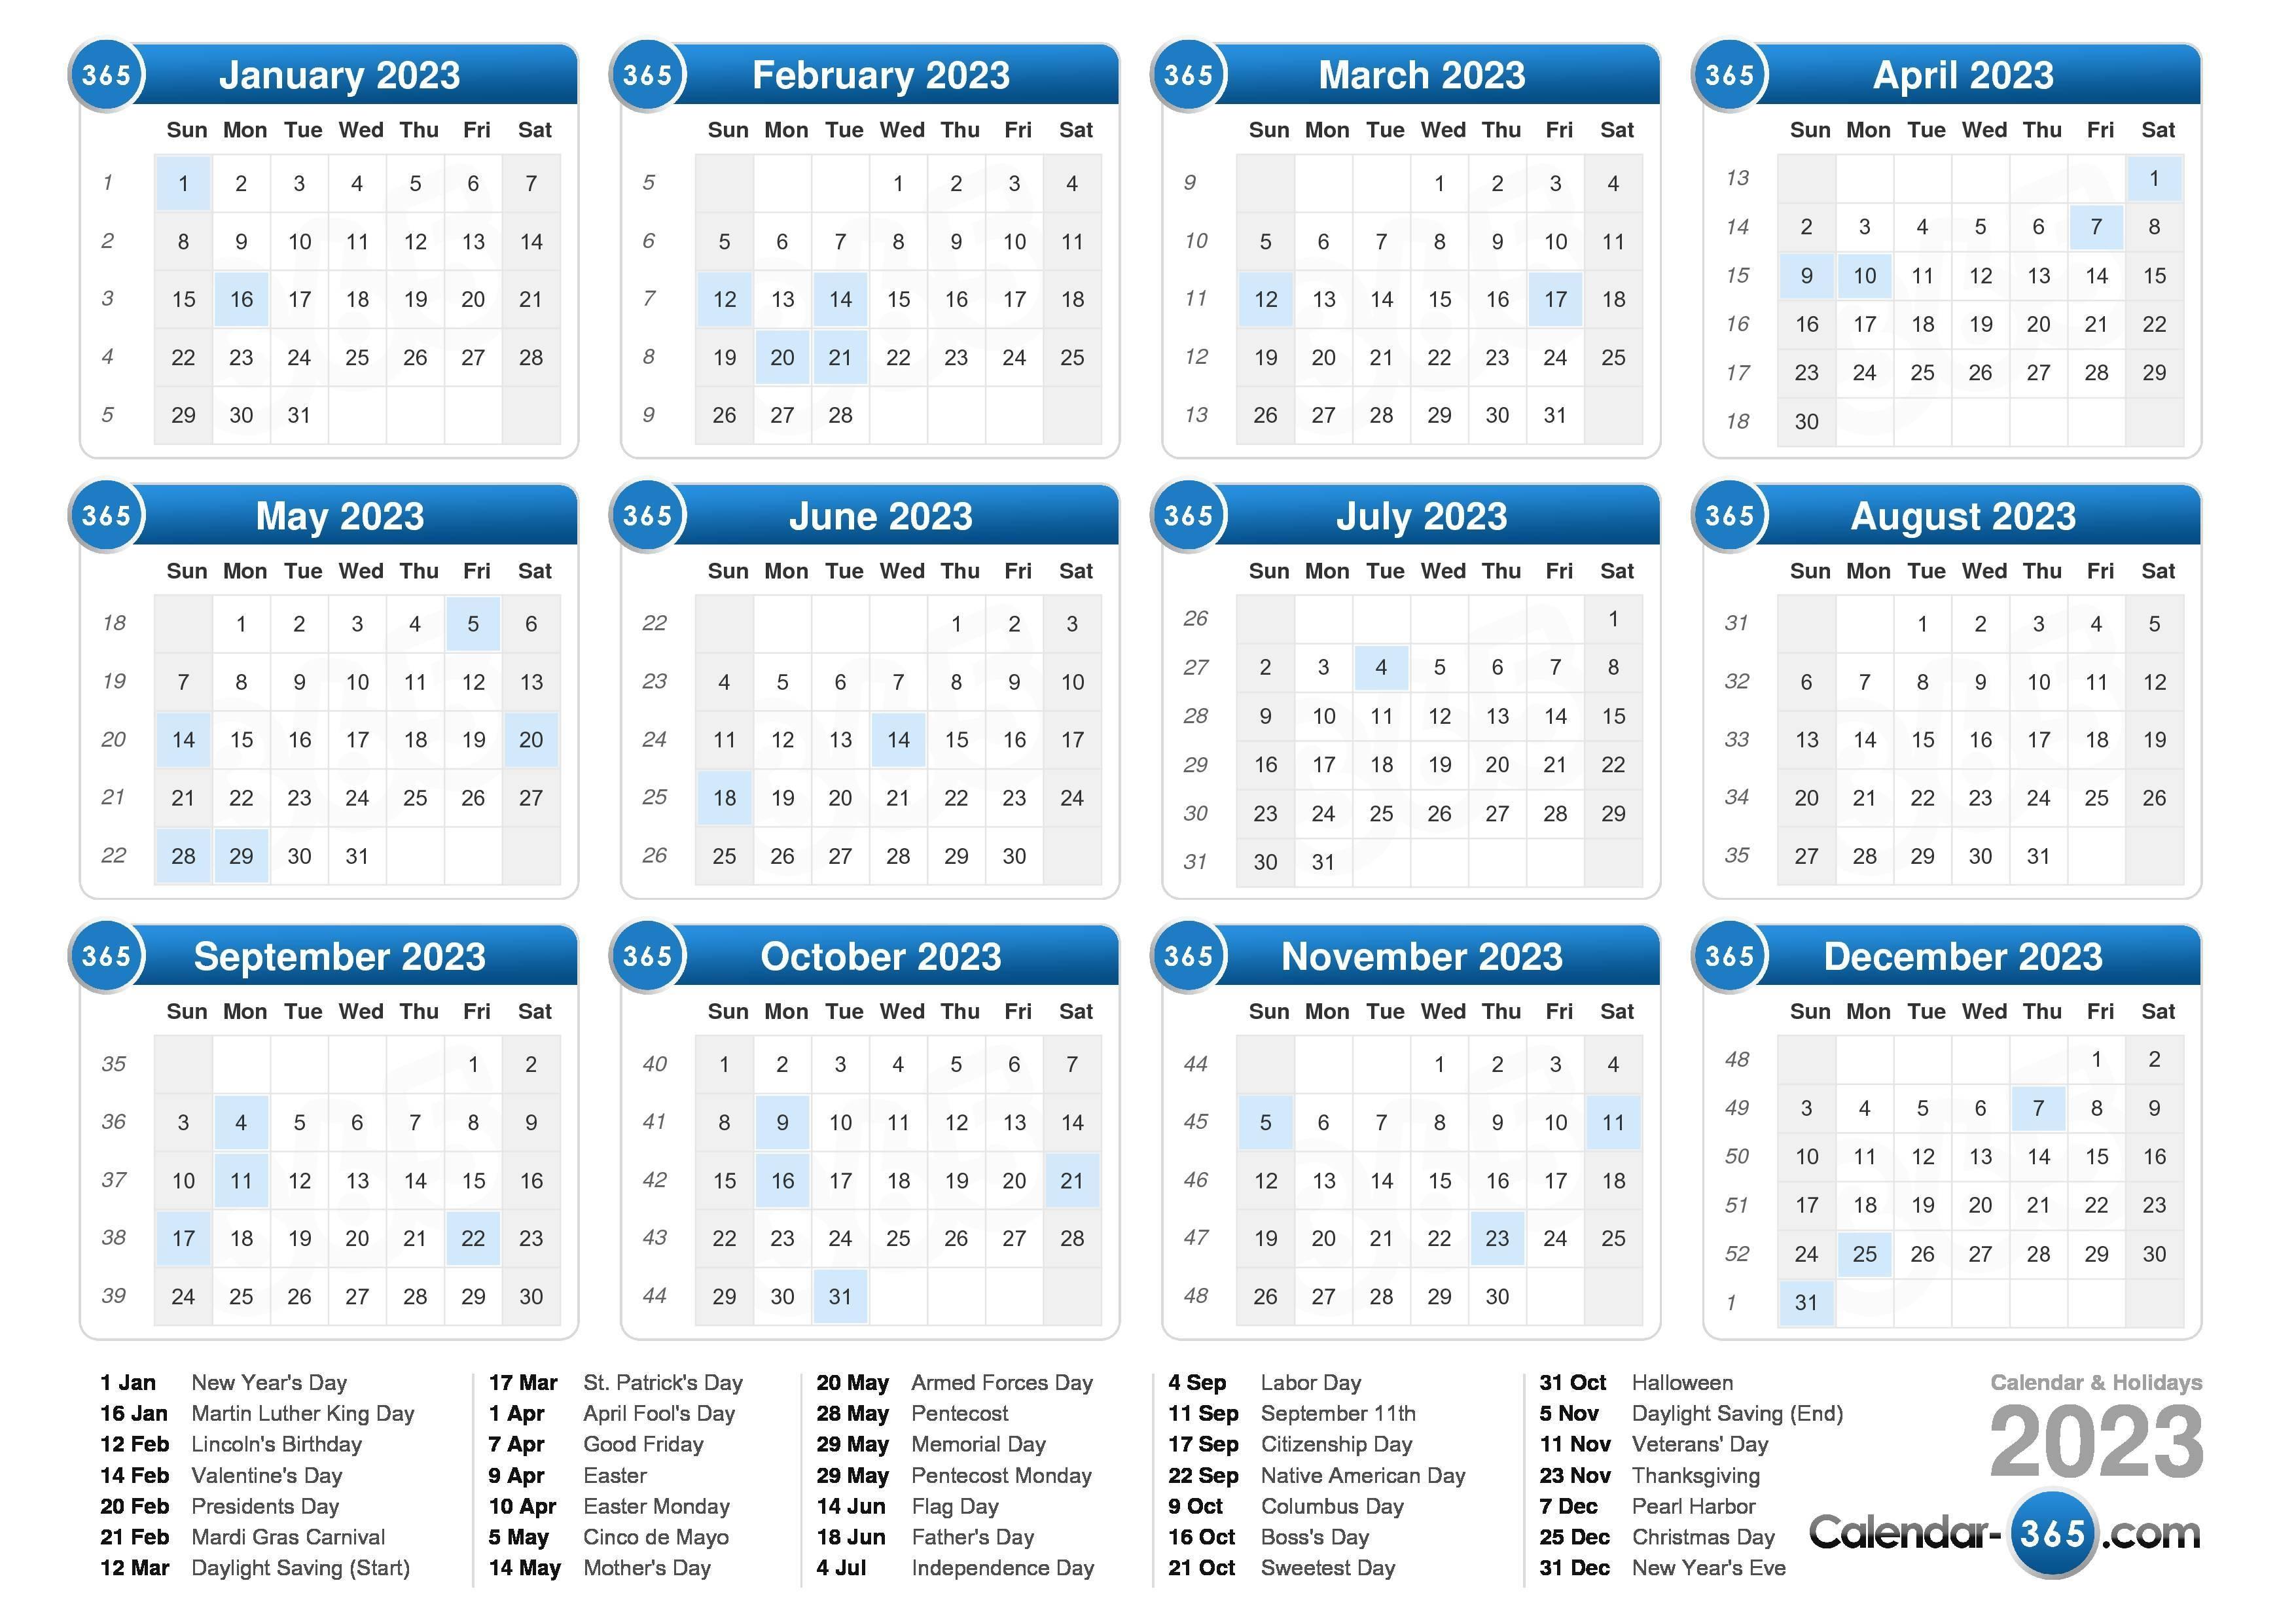 Online Calendar 2023 With Week Numbers